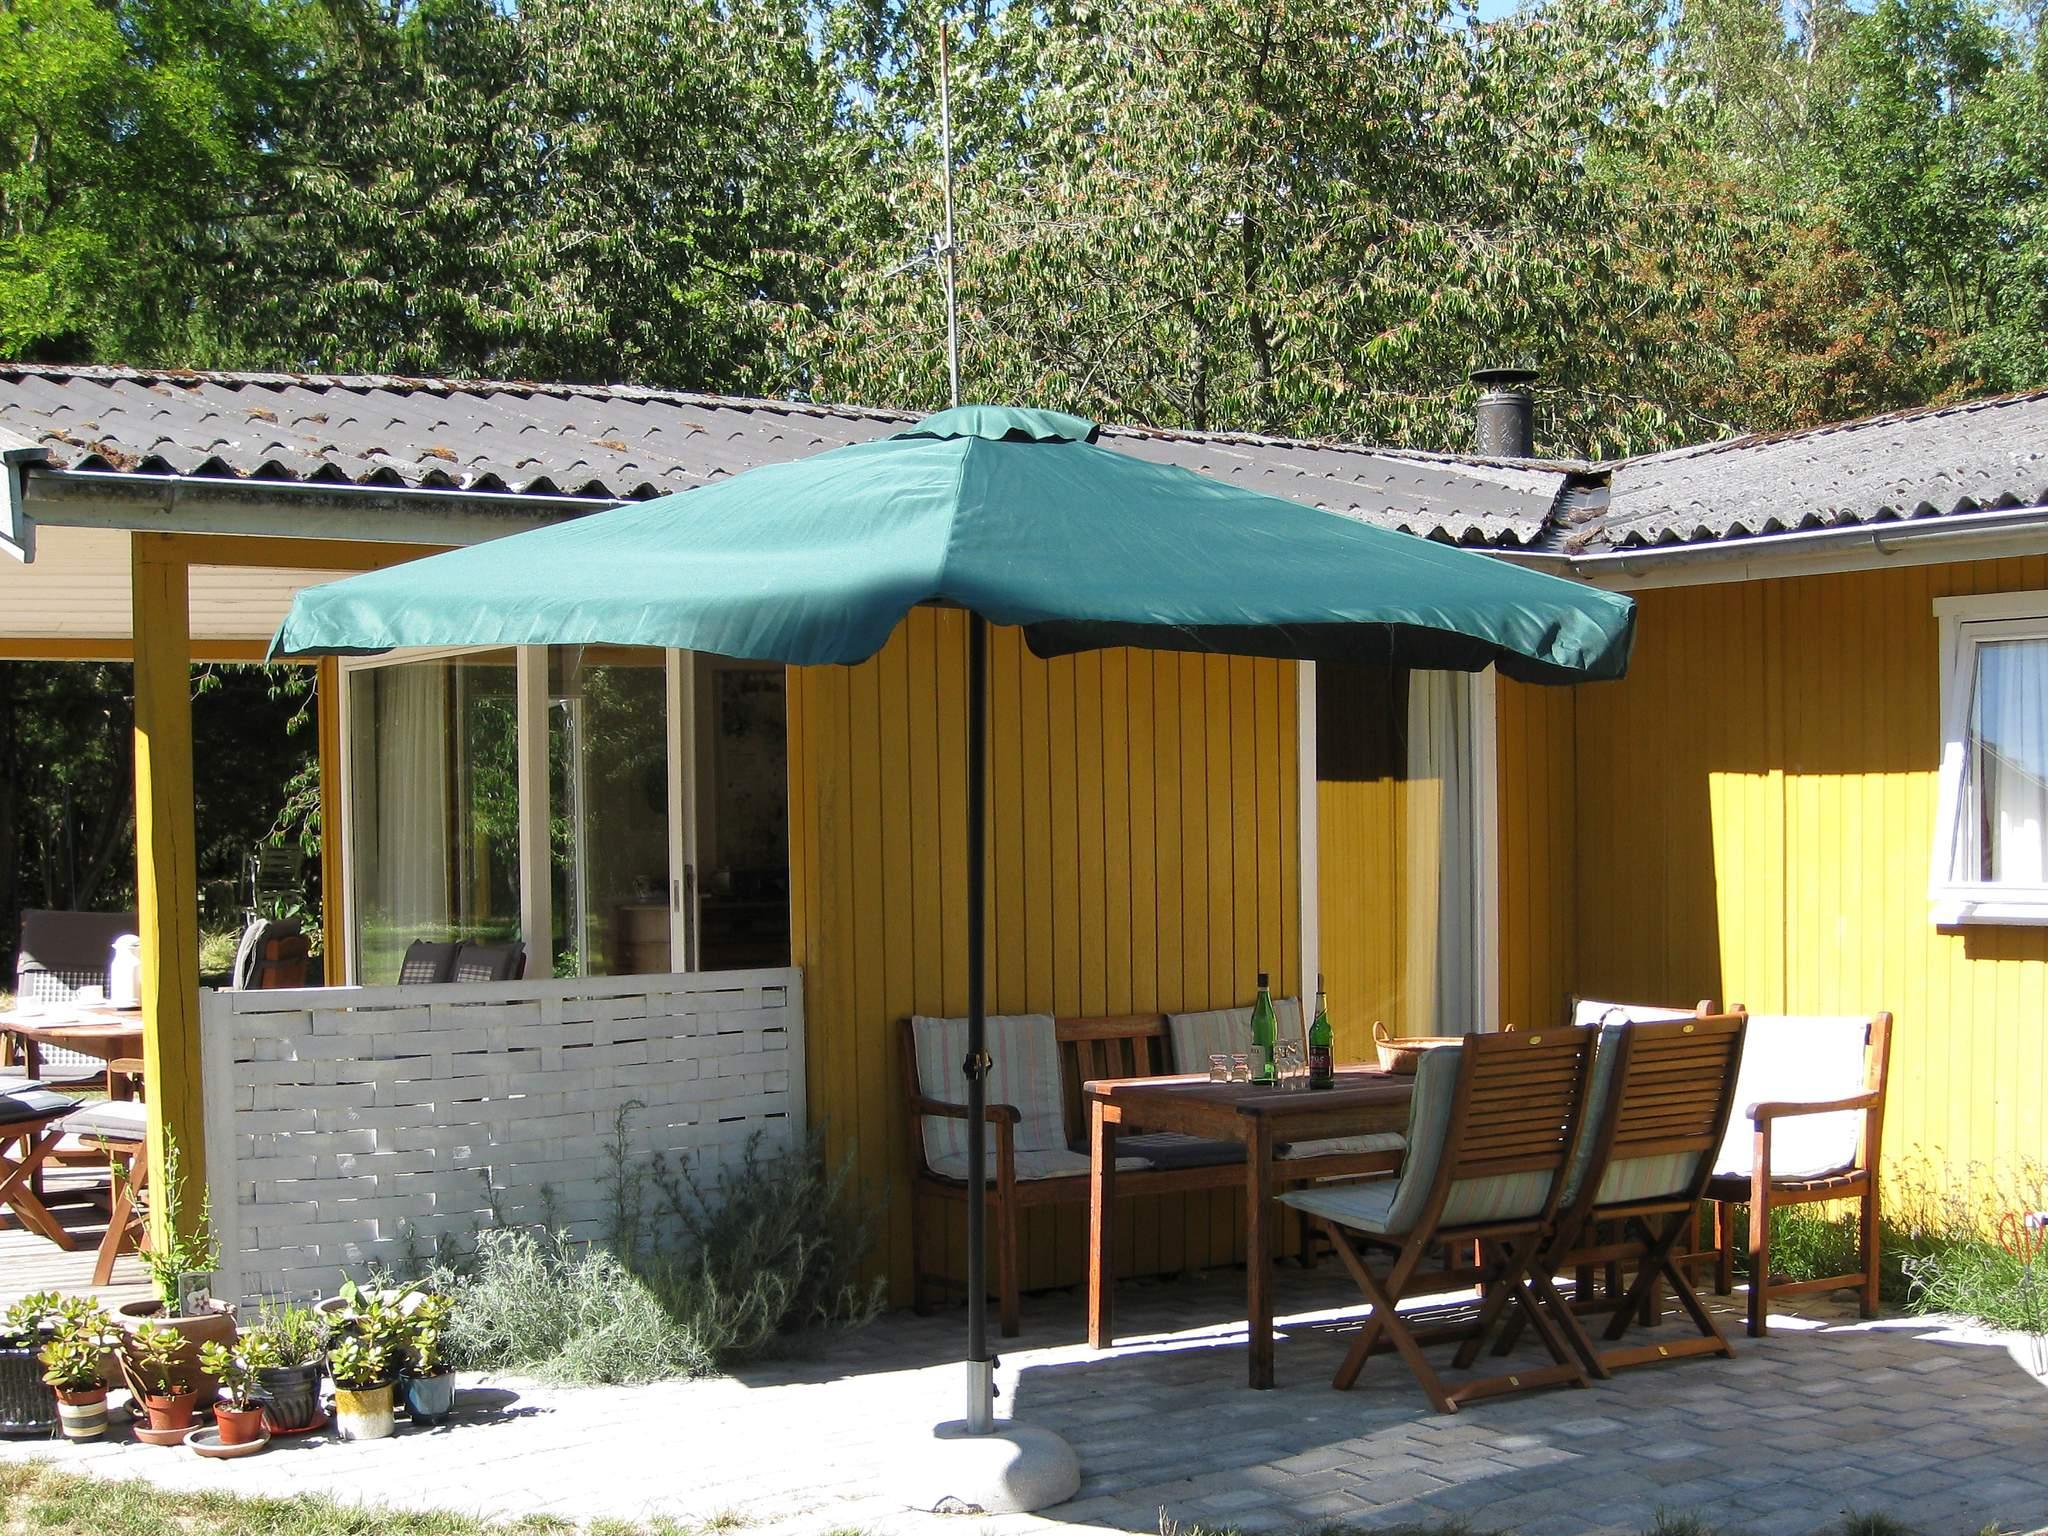 Ferienhaus Hummingen (85638), Hummingen, , Lolland, Dänemark, Bild 11